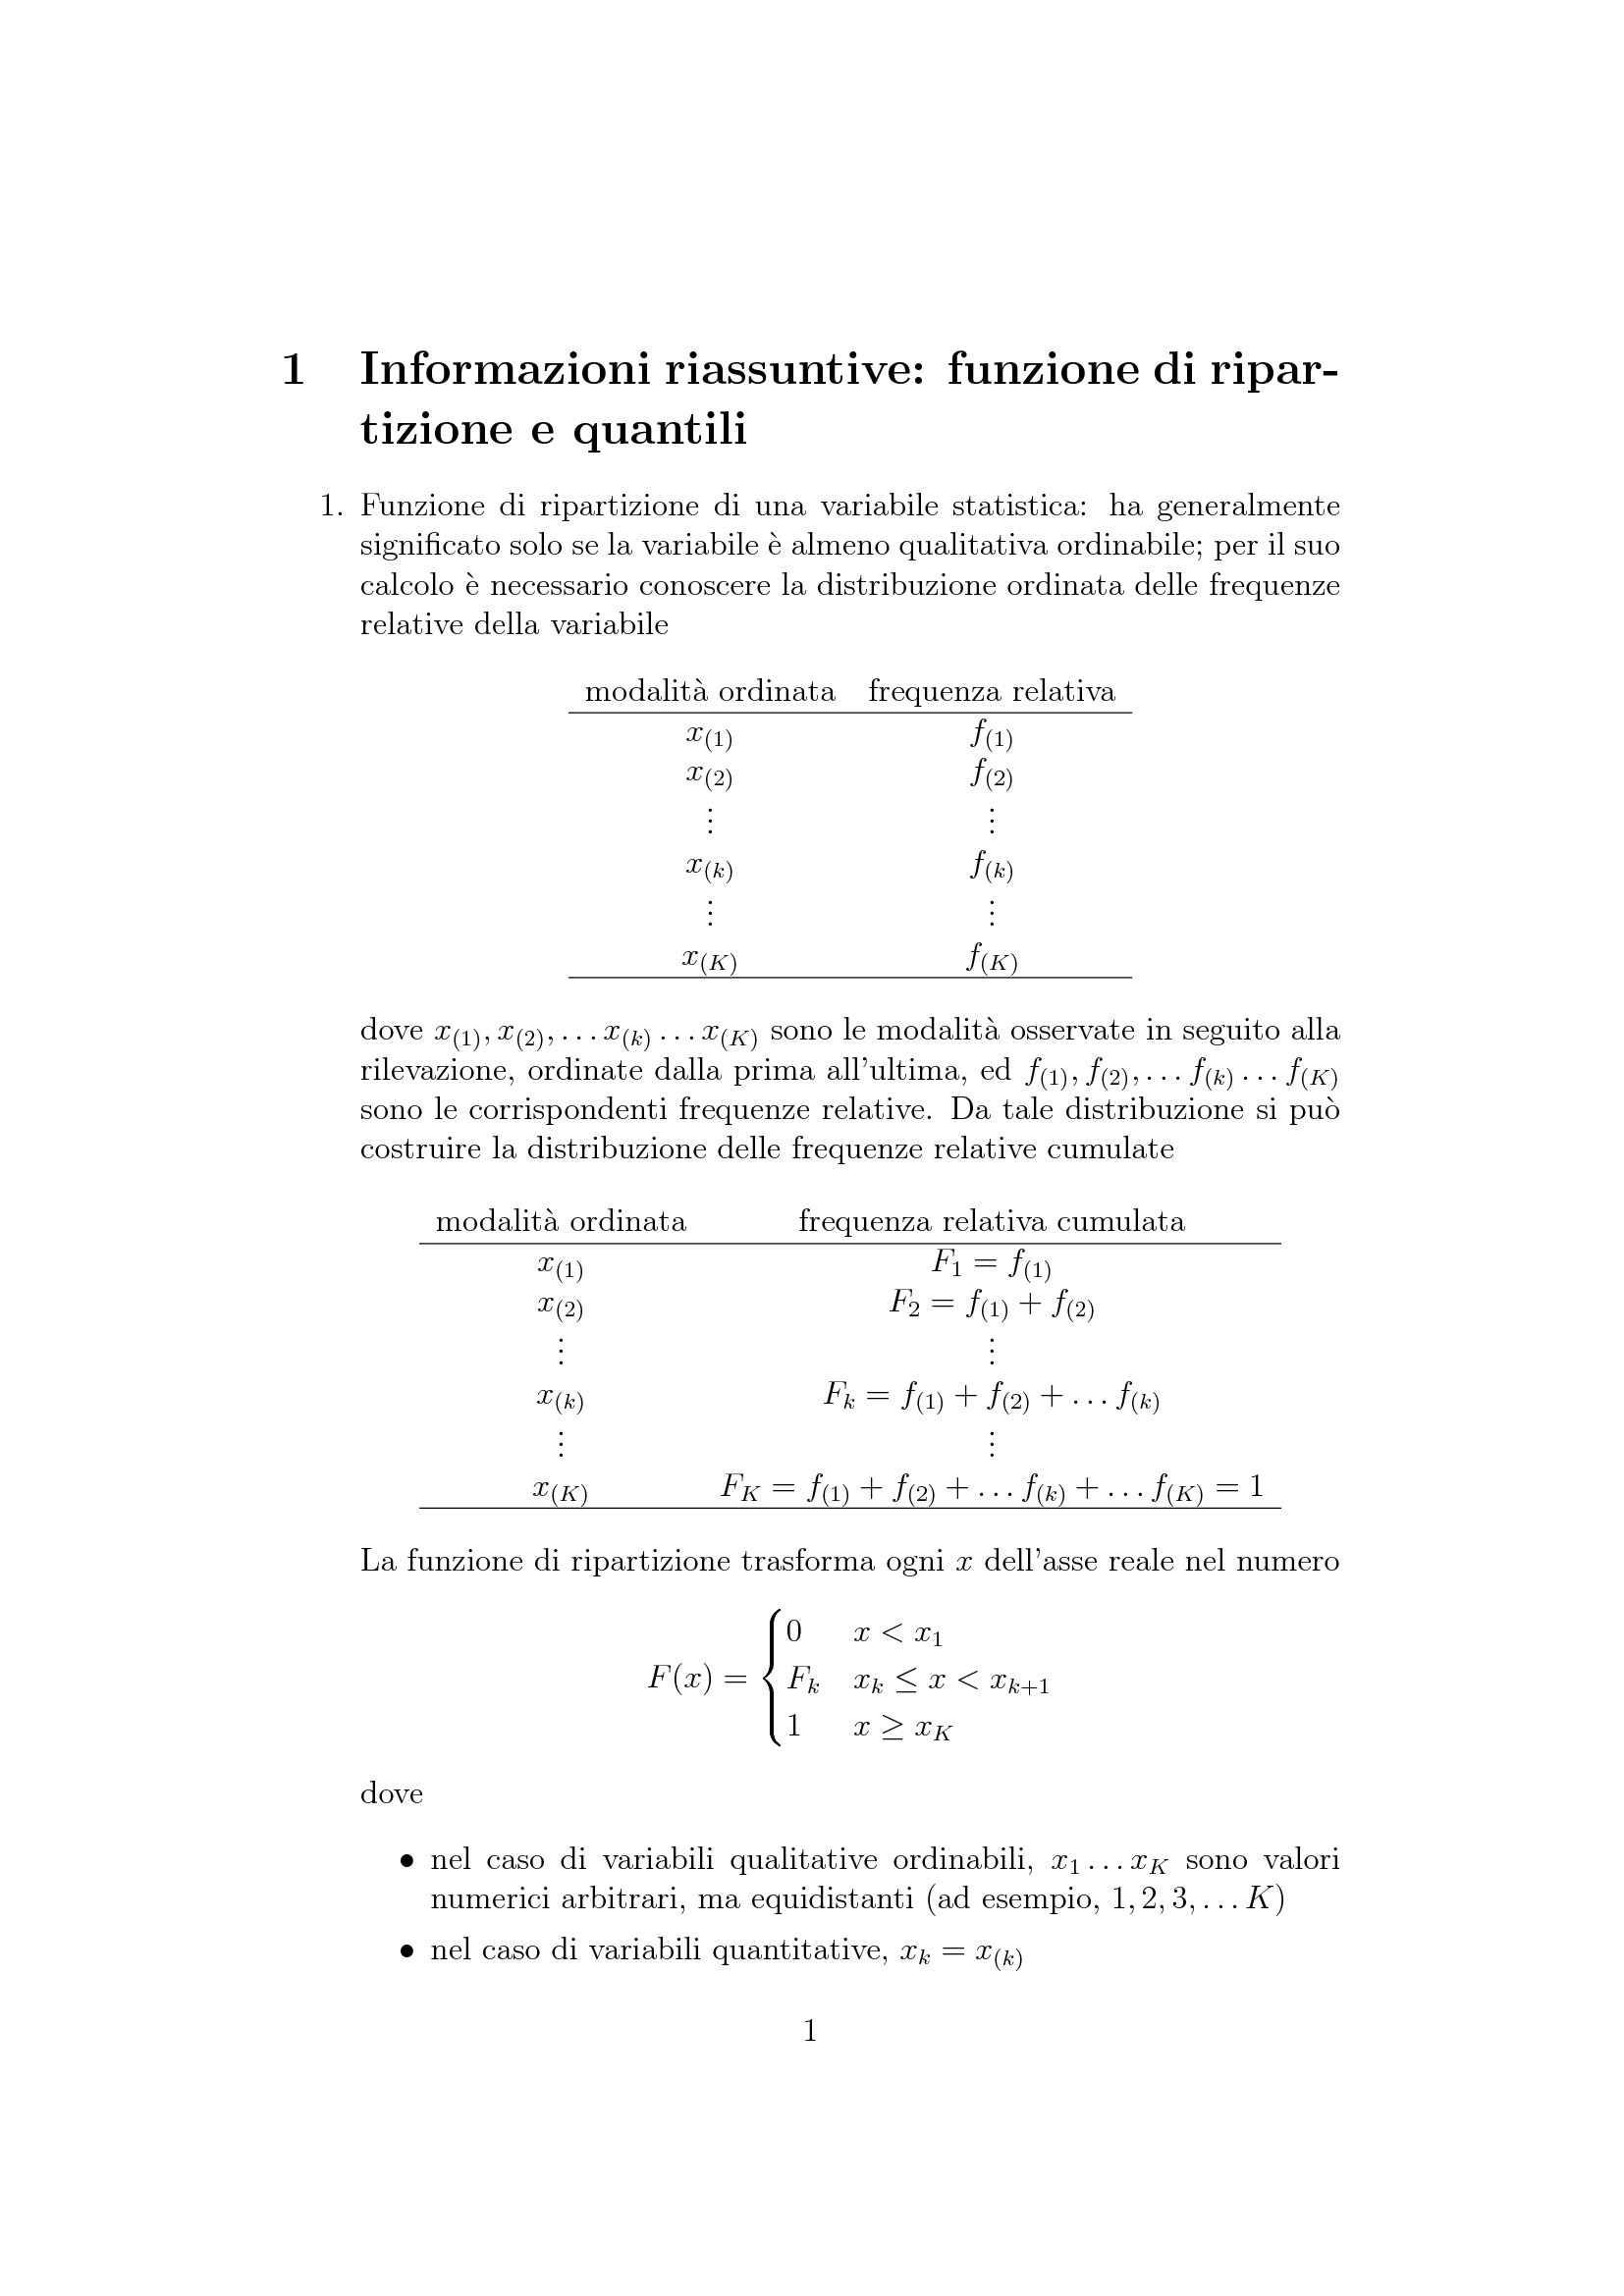 Funzioni di ripartizione e quantili